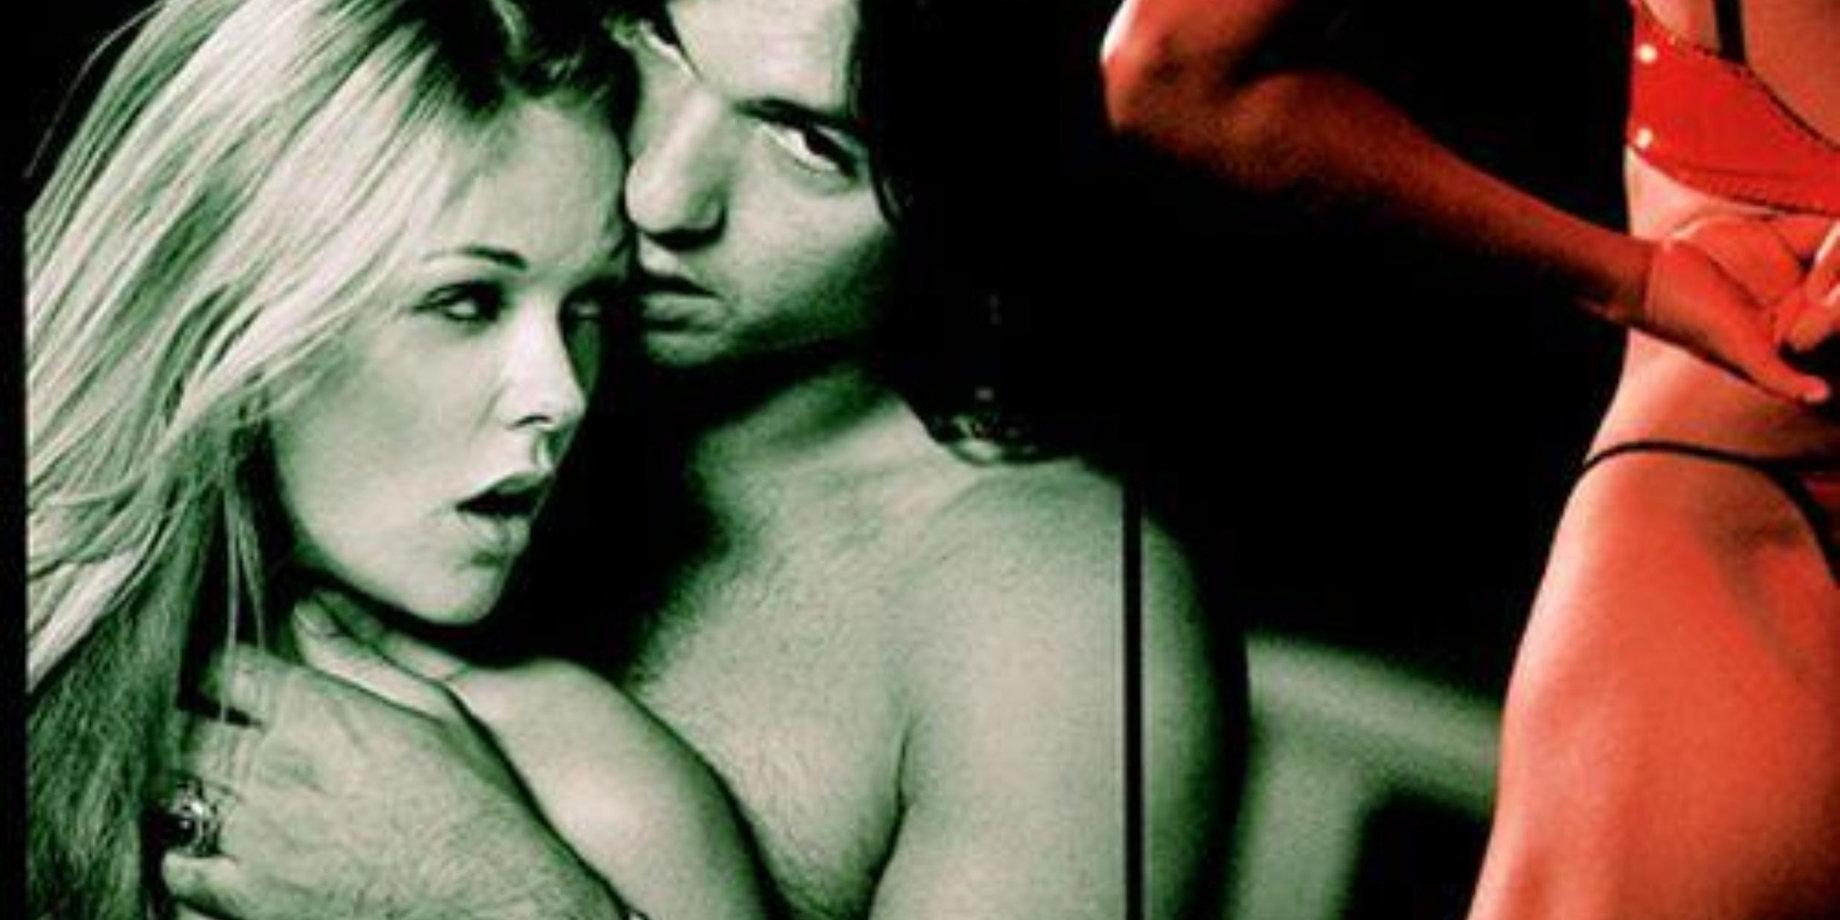 смотреть эротические фильмы исполнение желаний снял